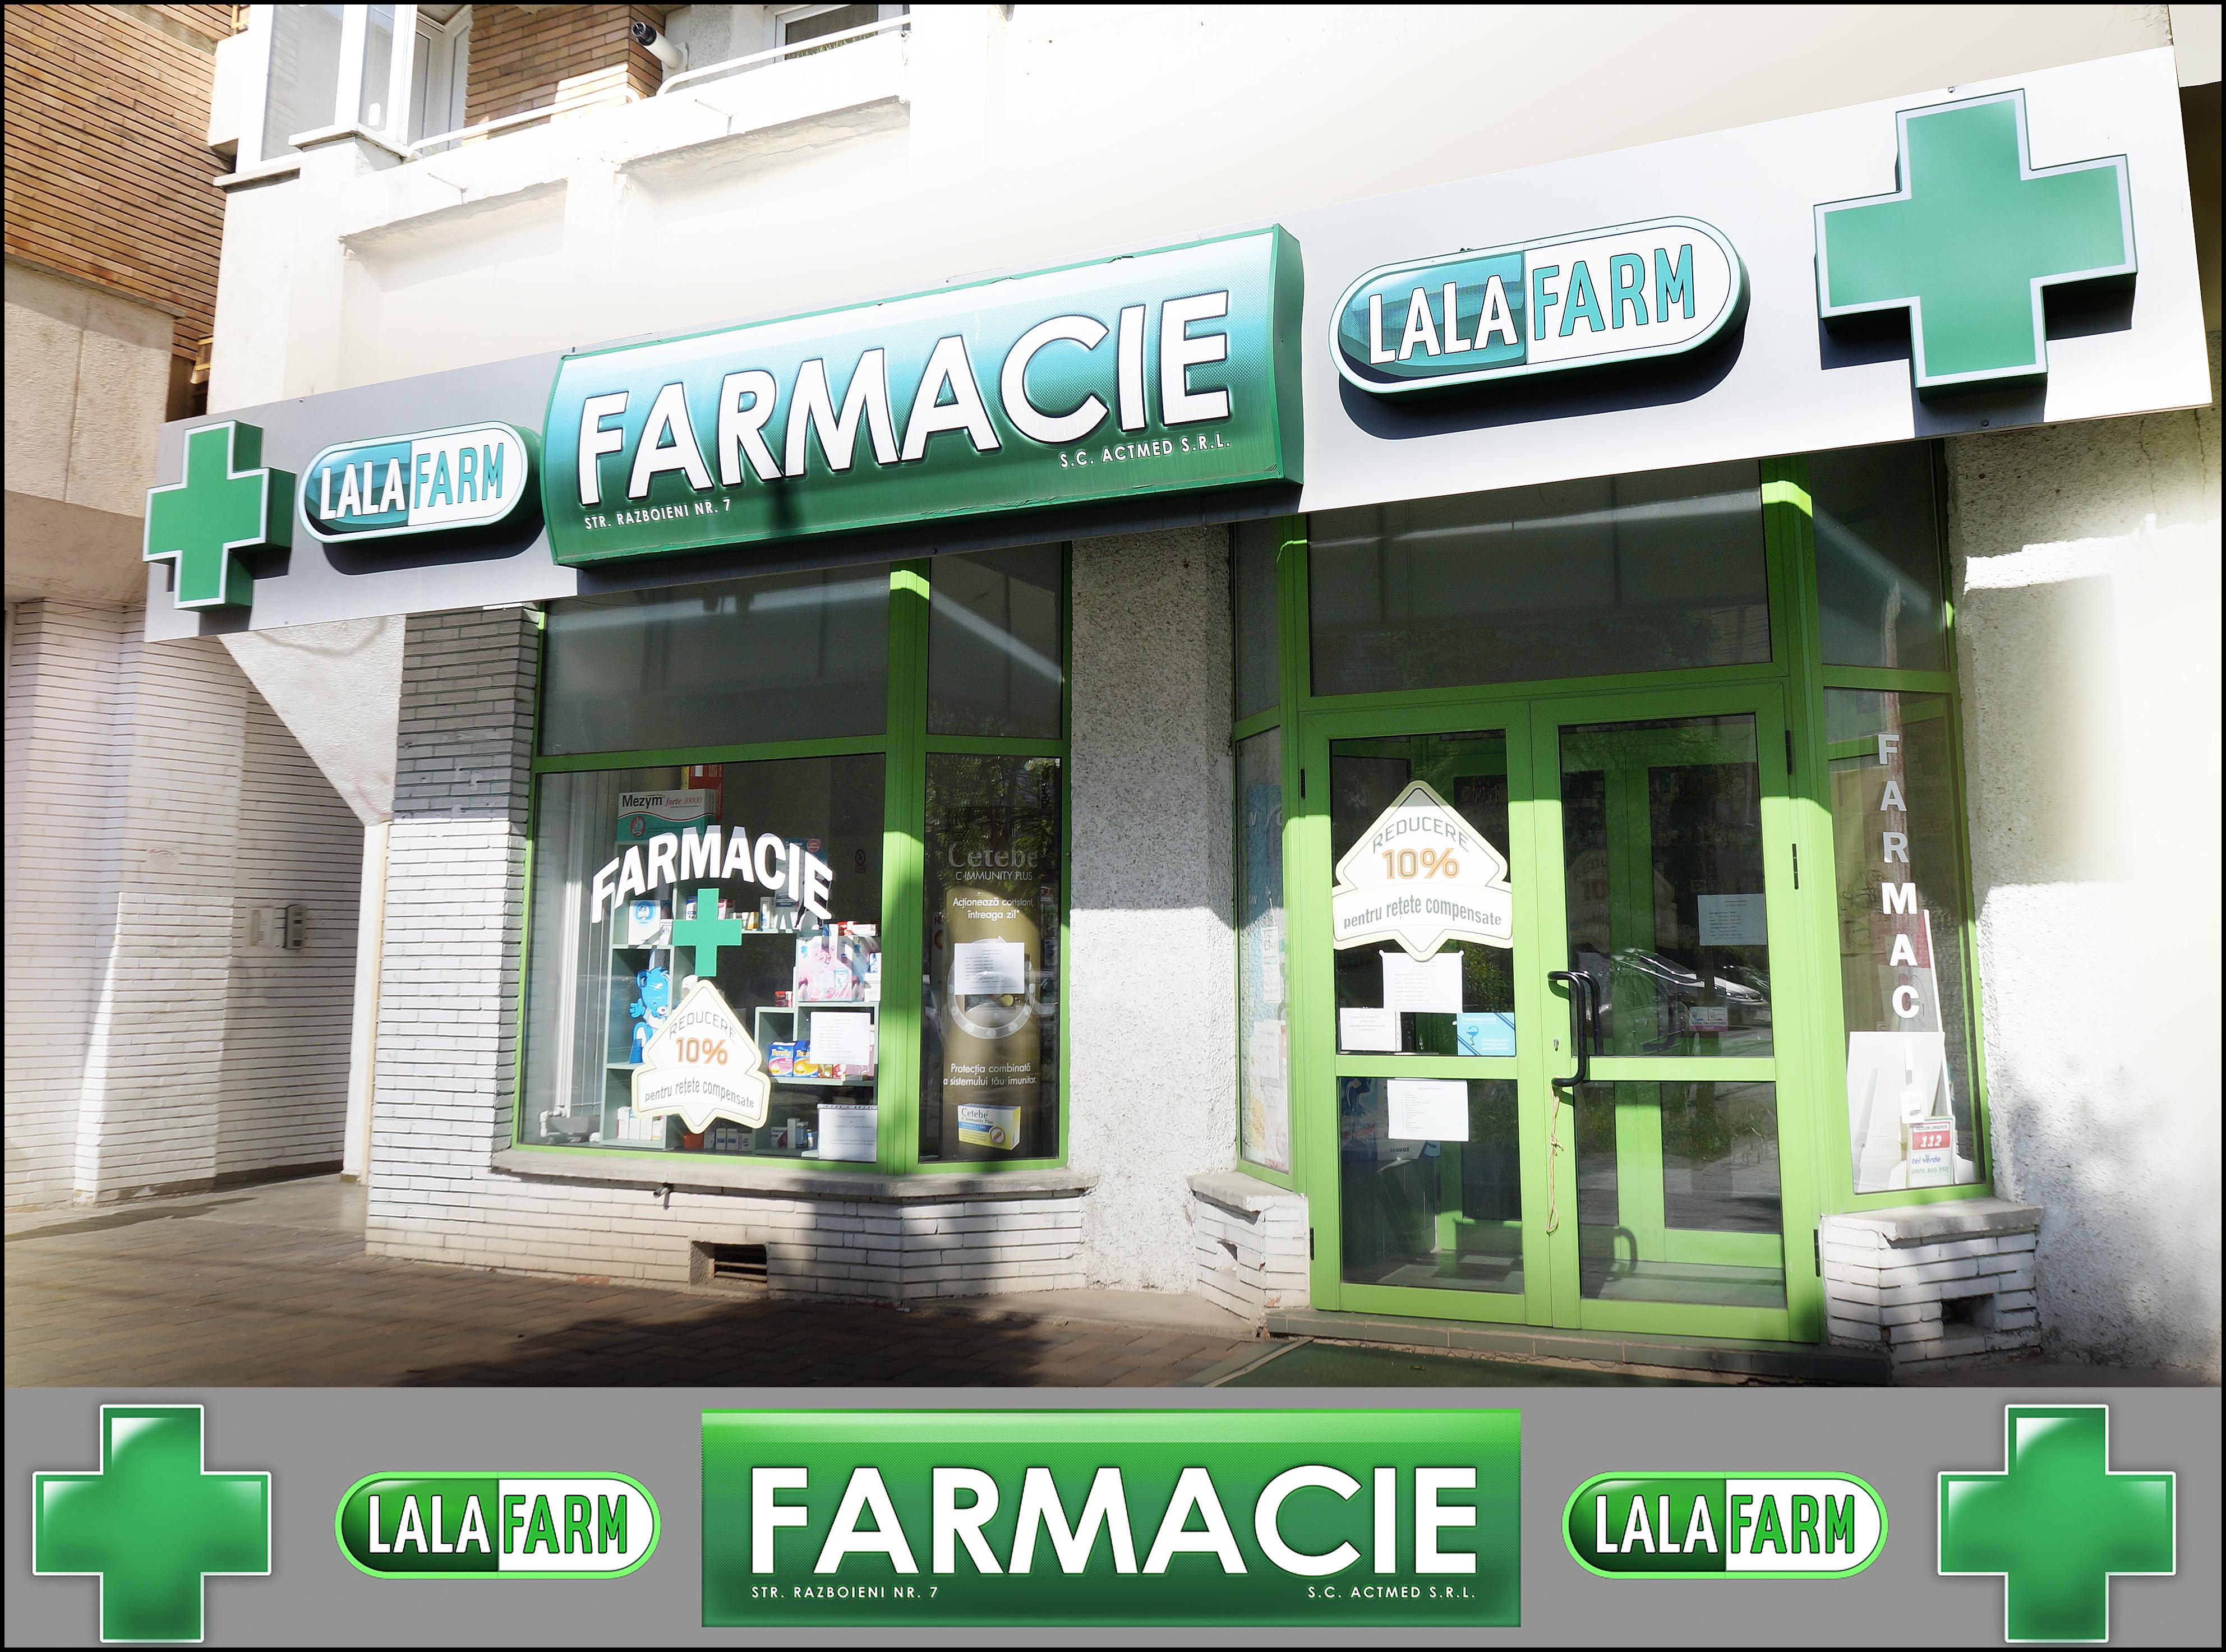 Semnalistica Lalafarm centru